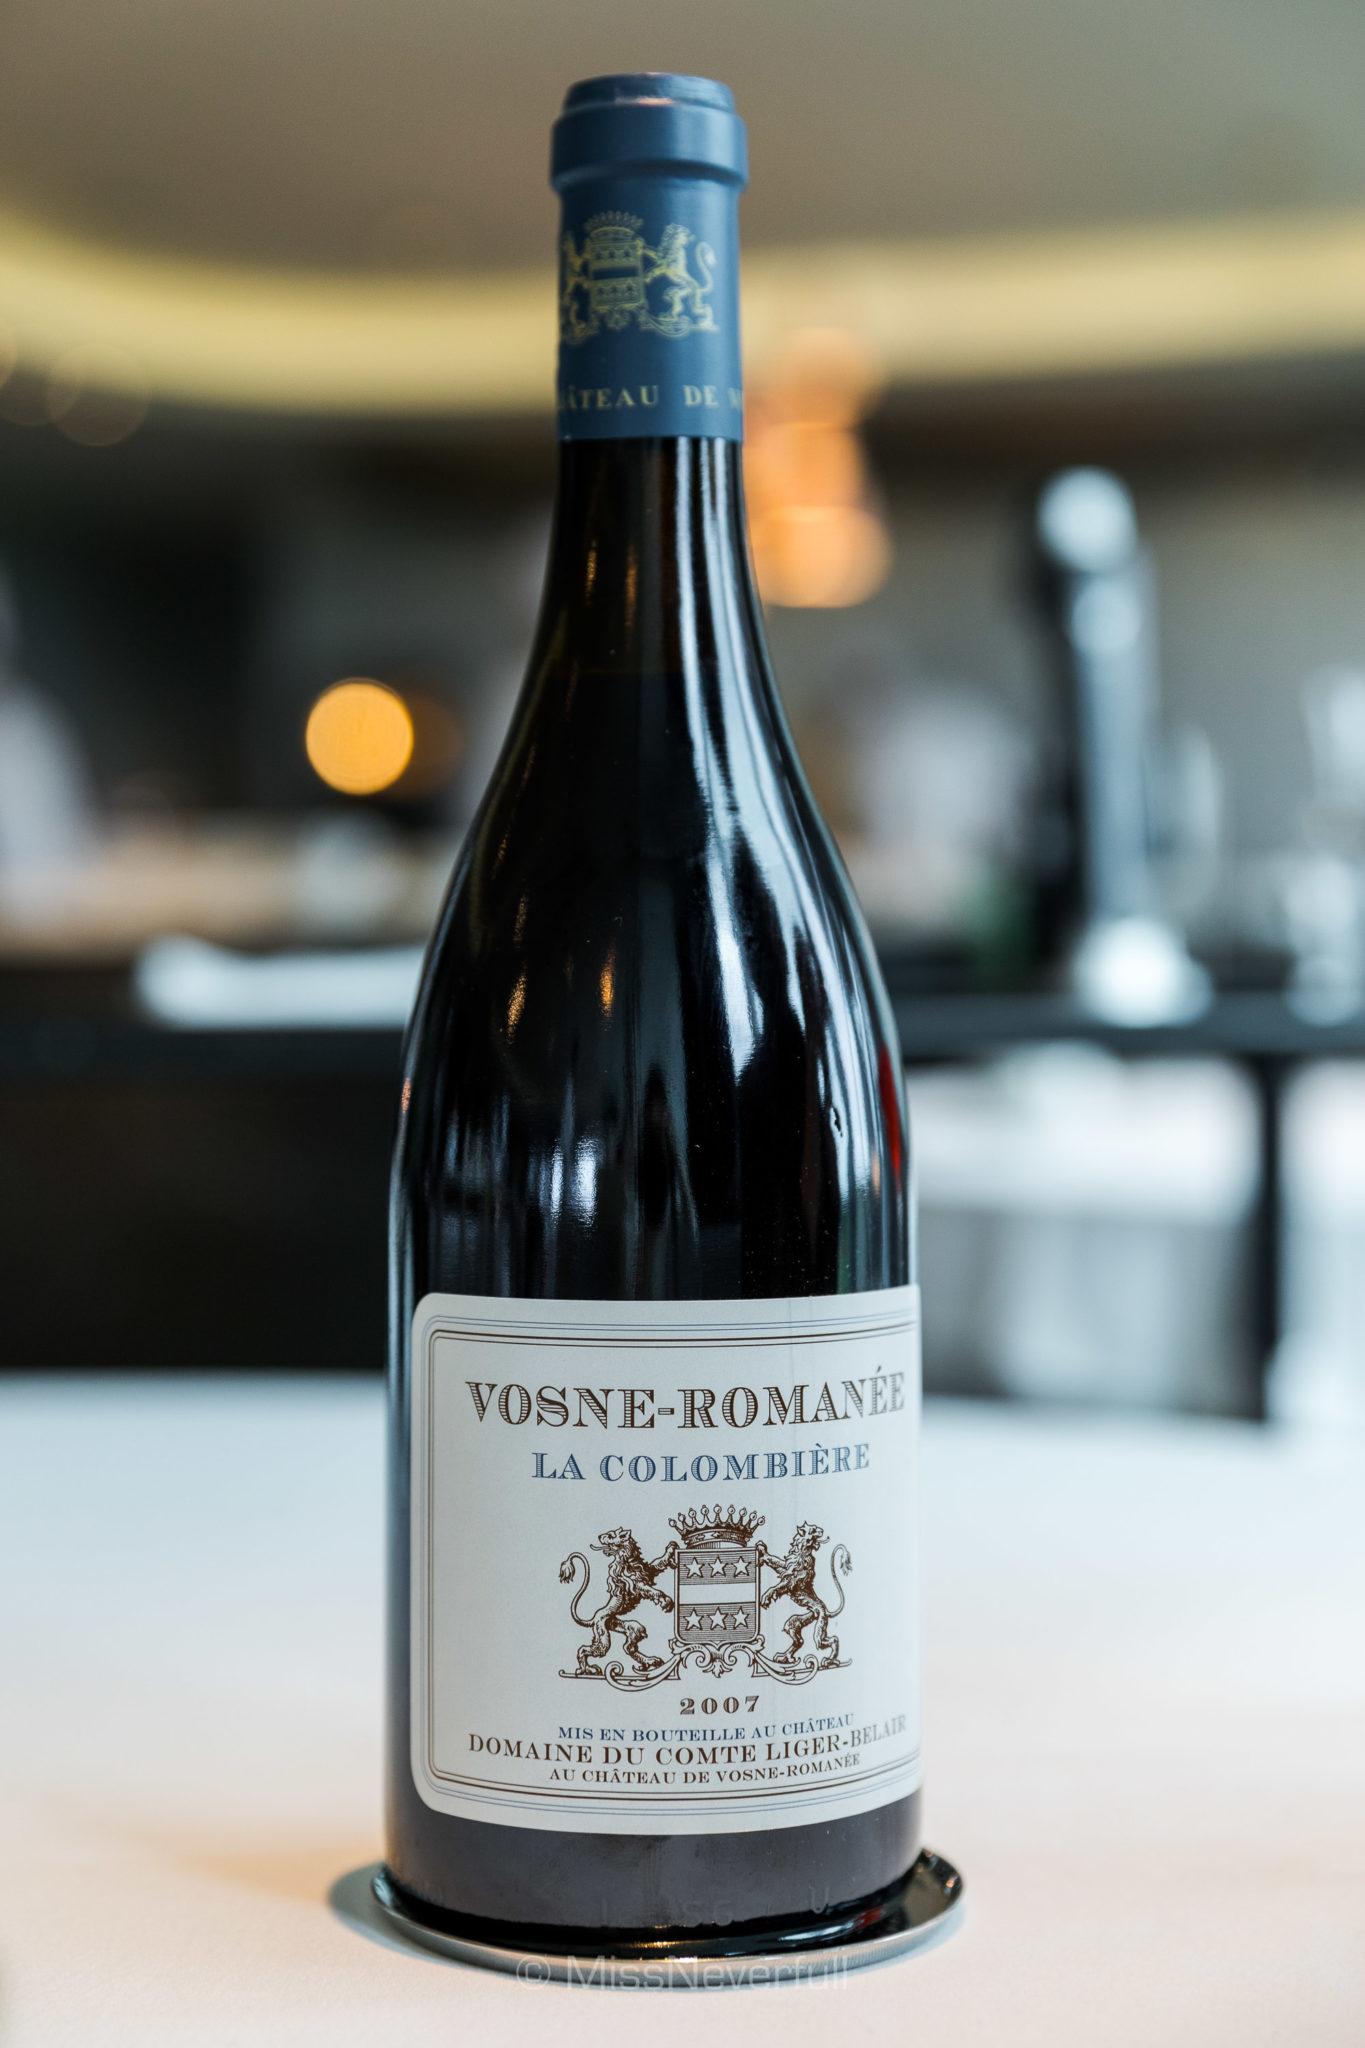 2007 Domaine du Comte Liger-Belair Vosne-Romanee La Colombiere, Cote de Nuits, France